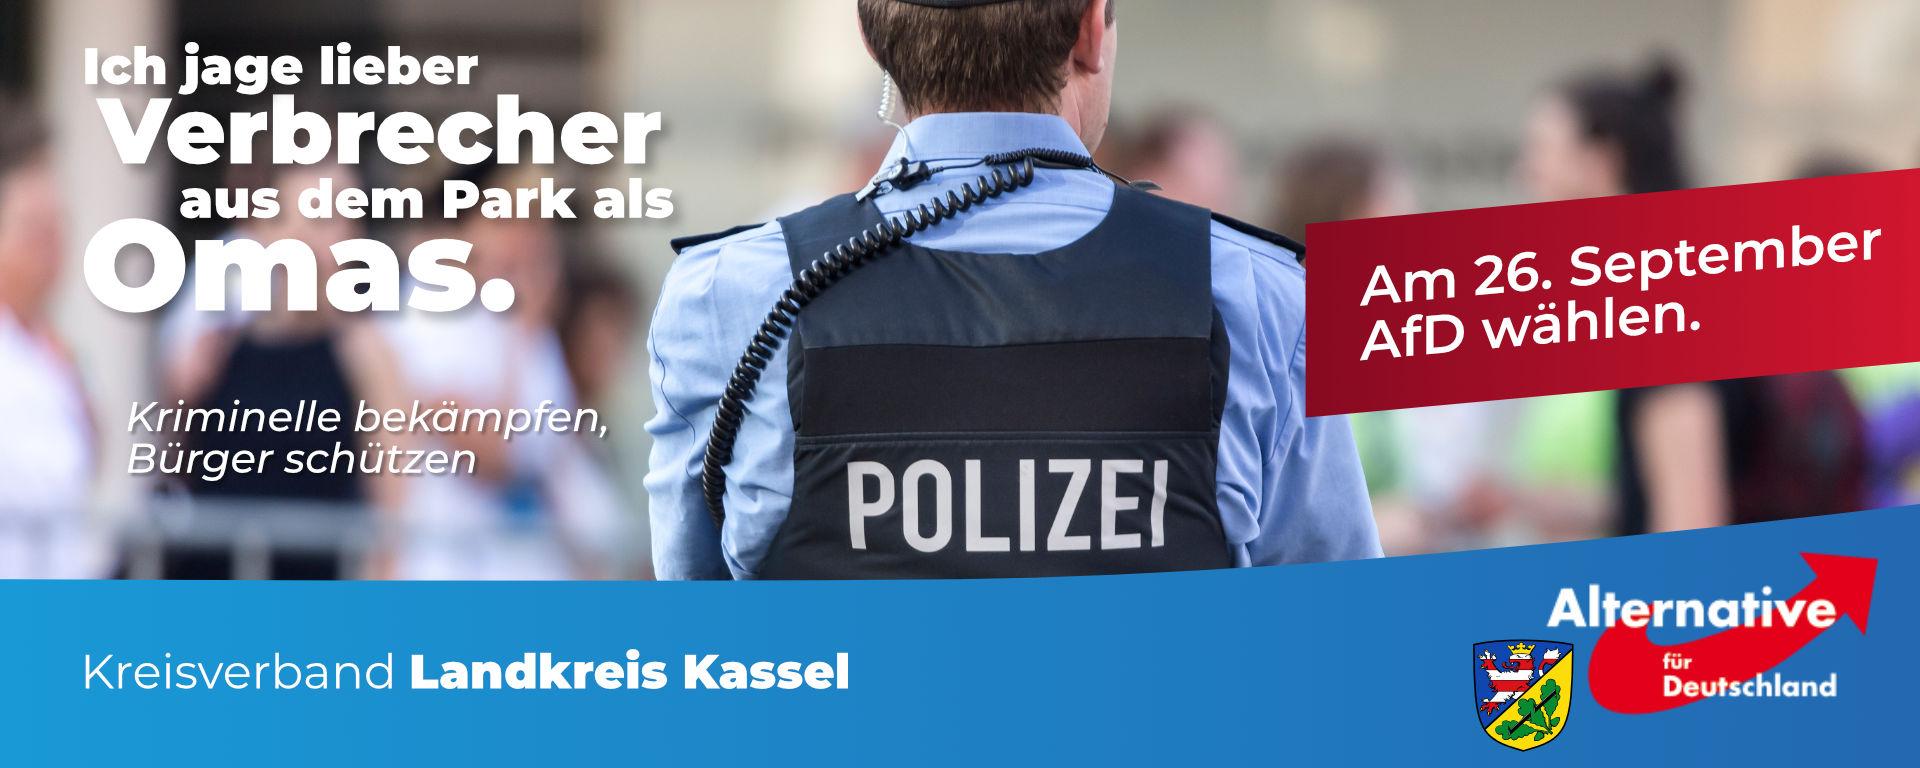 slider_polizei